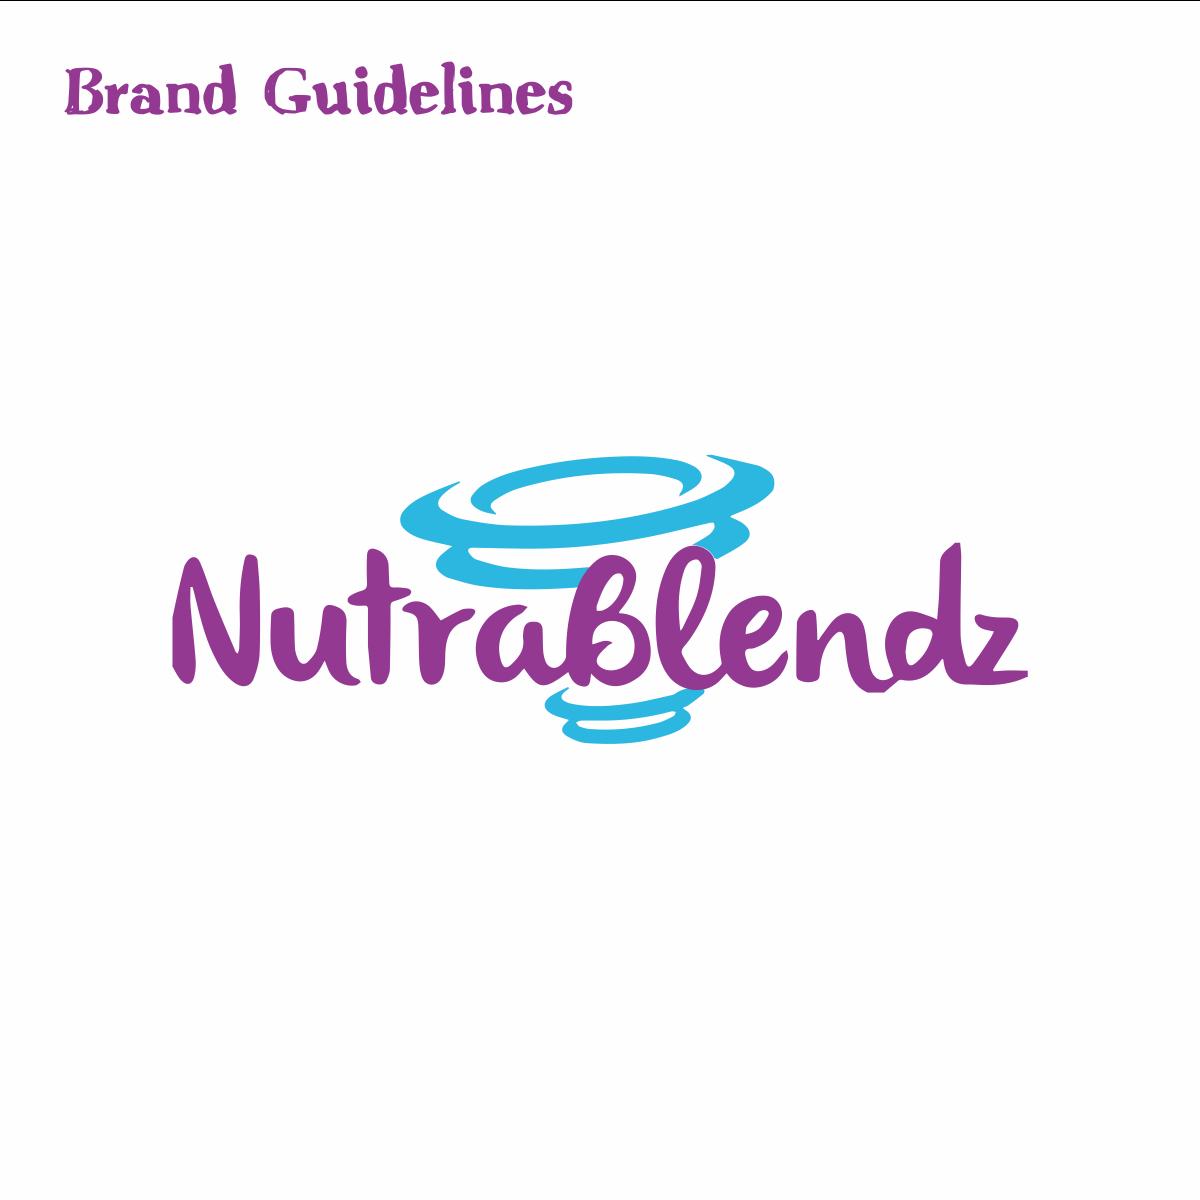 Set up a brand guide for NutraBlendz